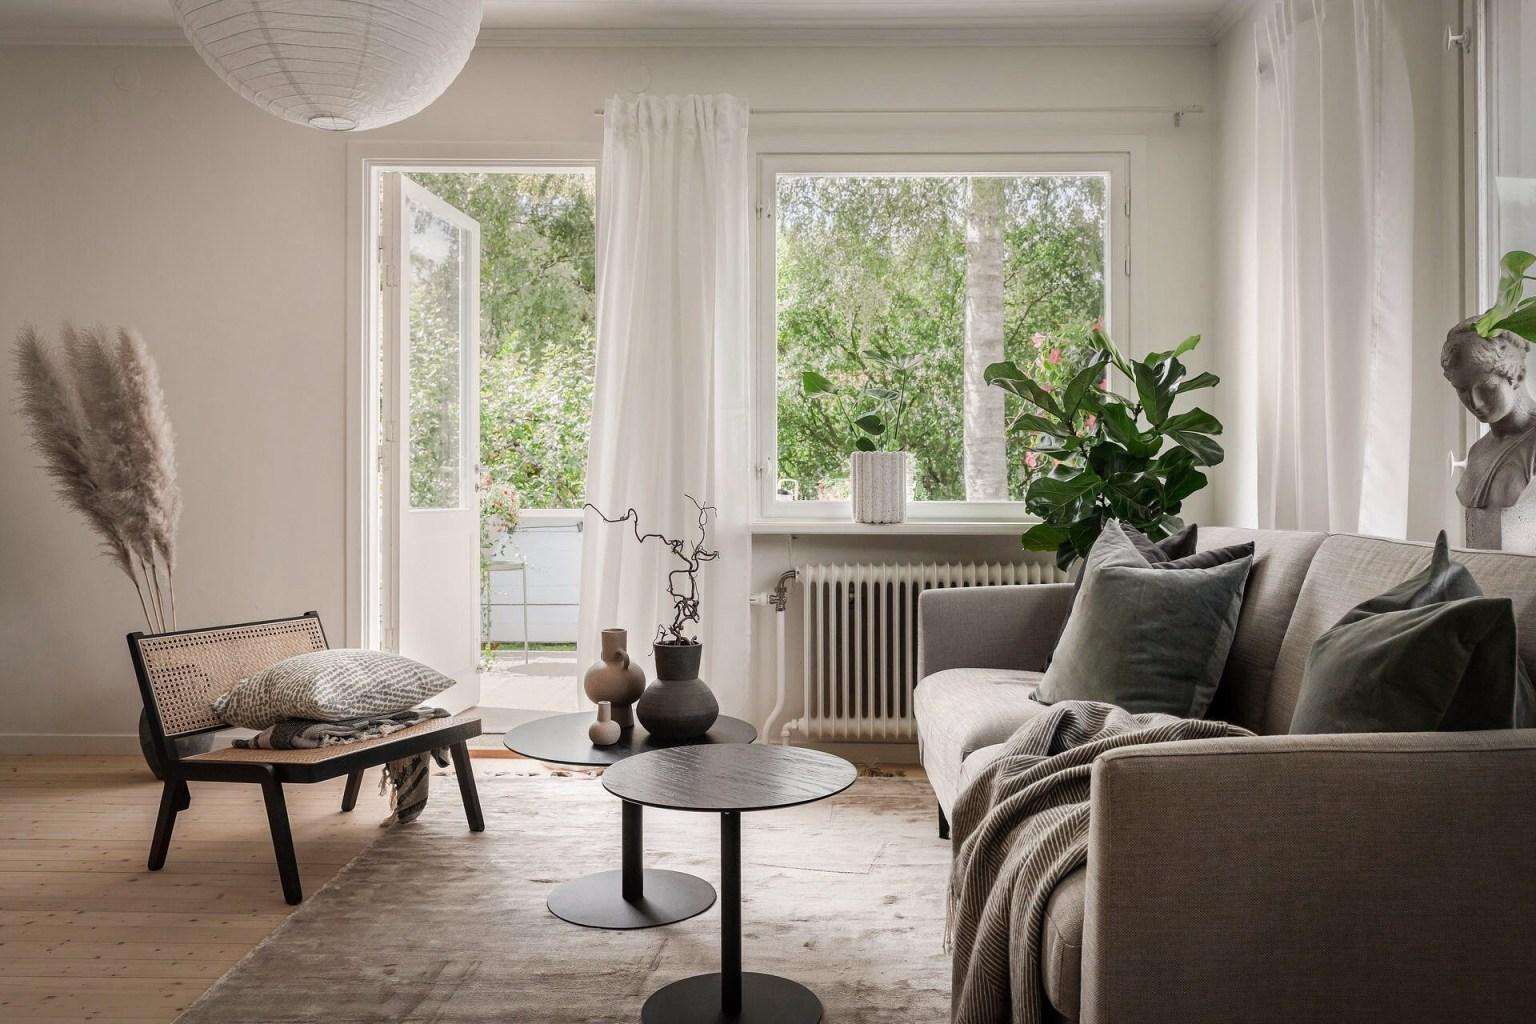 """10 living room sofa 1605688715277904460239 - Căn nhà cấp 4 màu xanh da trời nhìn ngoài thì bình thường mà bên trong khiến ai cũng """"sững sờ"""""""